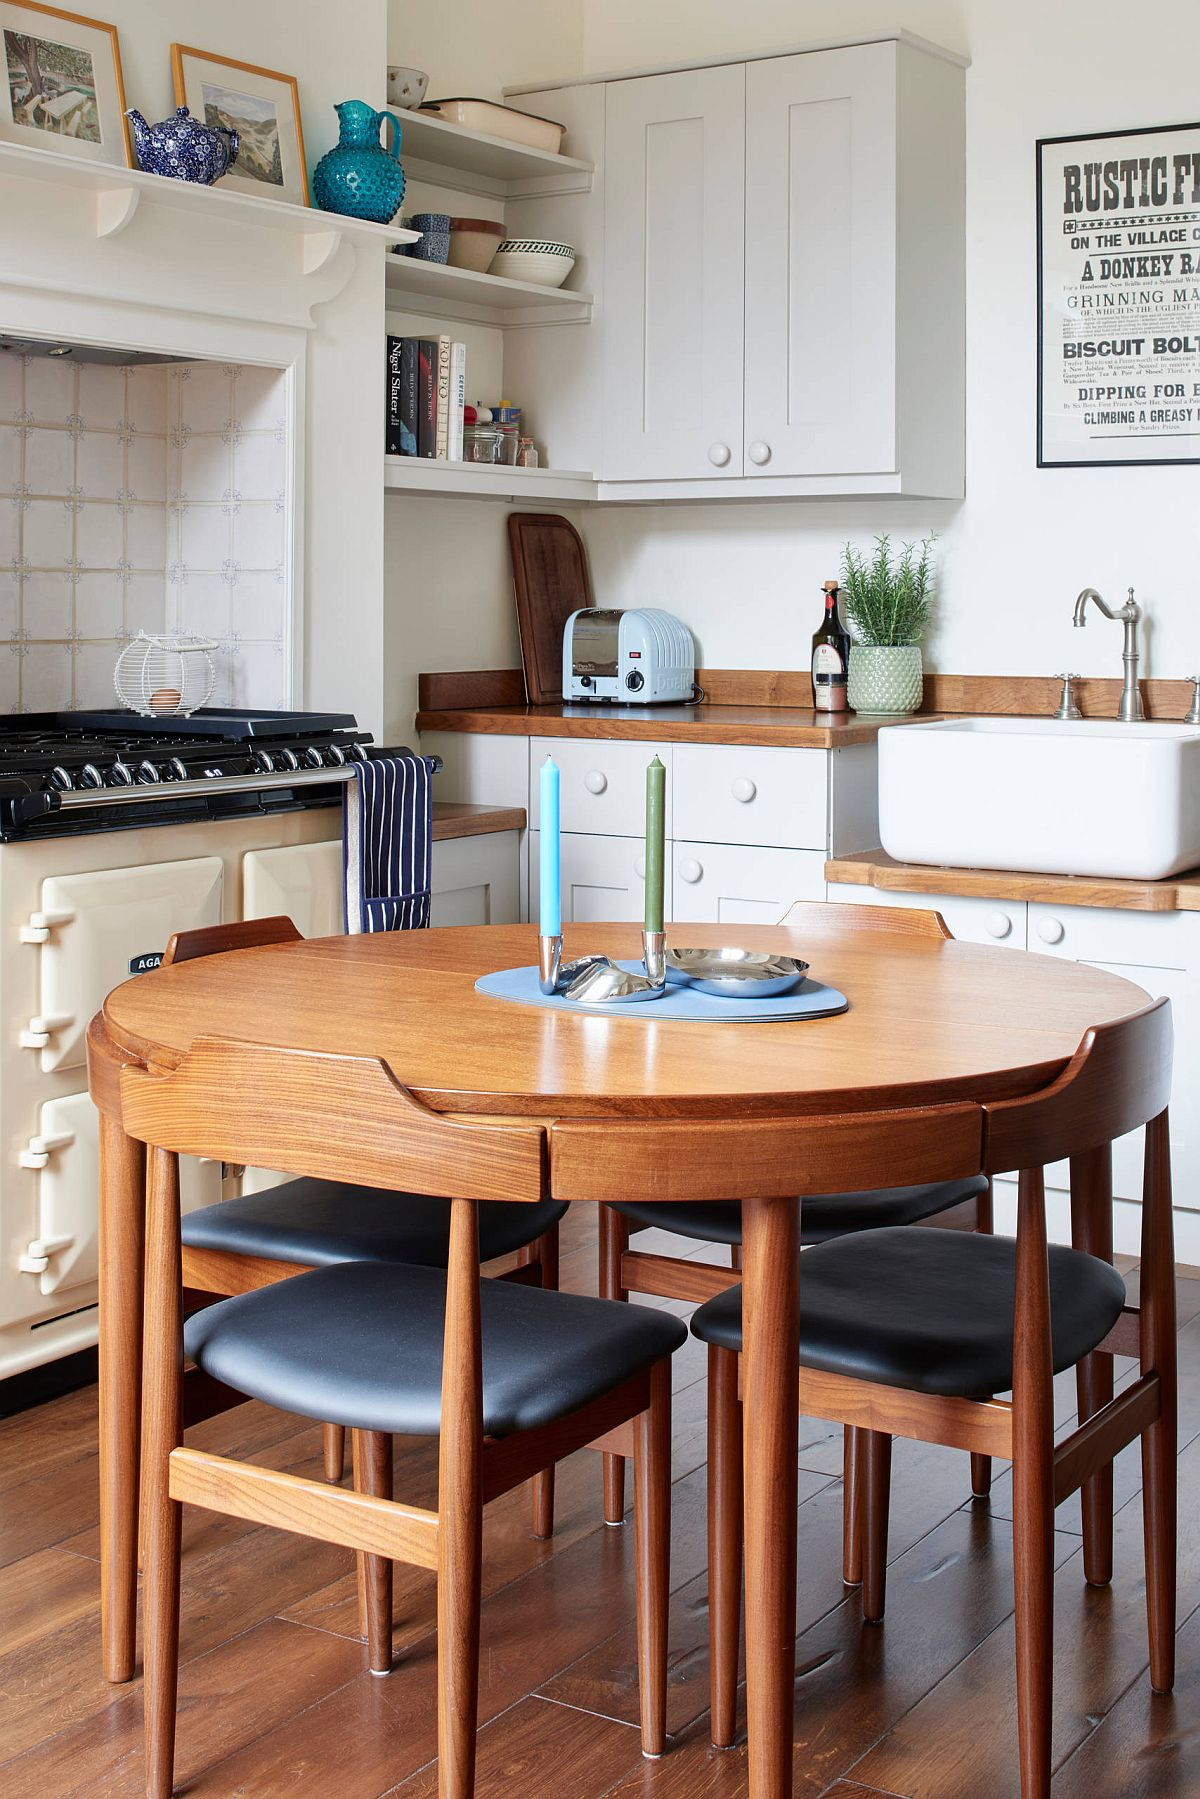 Ngắm những căn bếp nhỏ đầy màu sắc, đẹp đến mức làm xiêu lòng bất cứ ai - Ảnh 13.